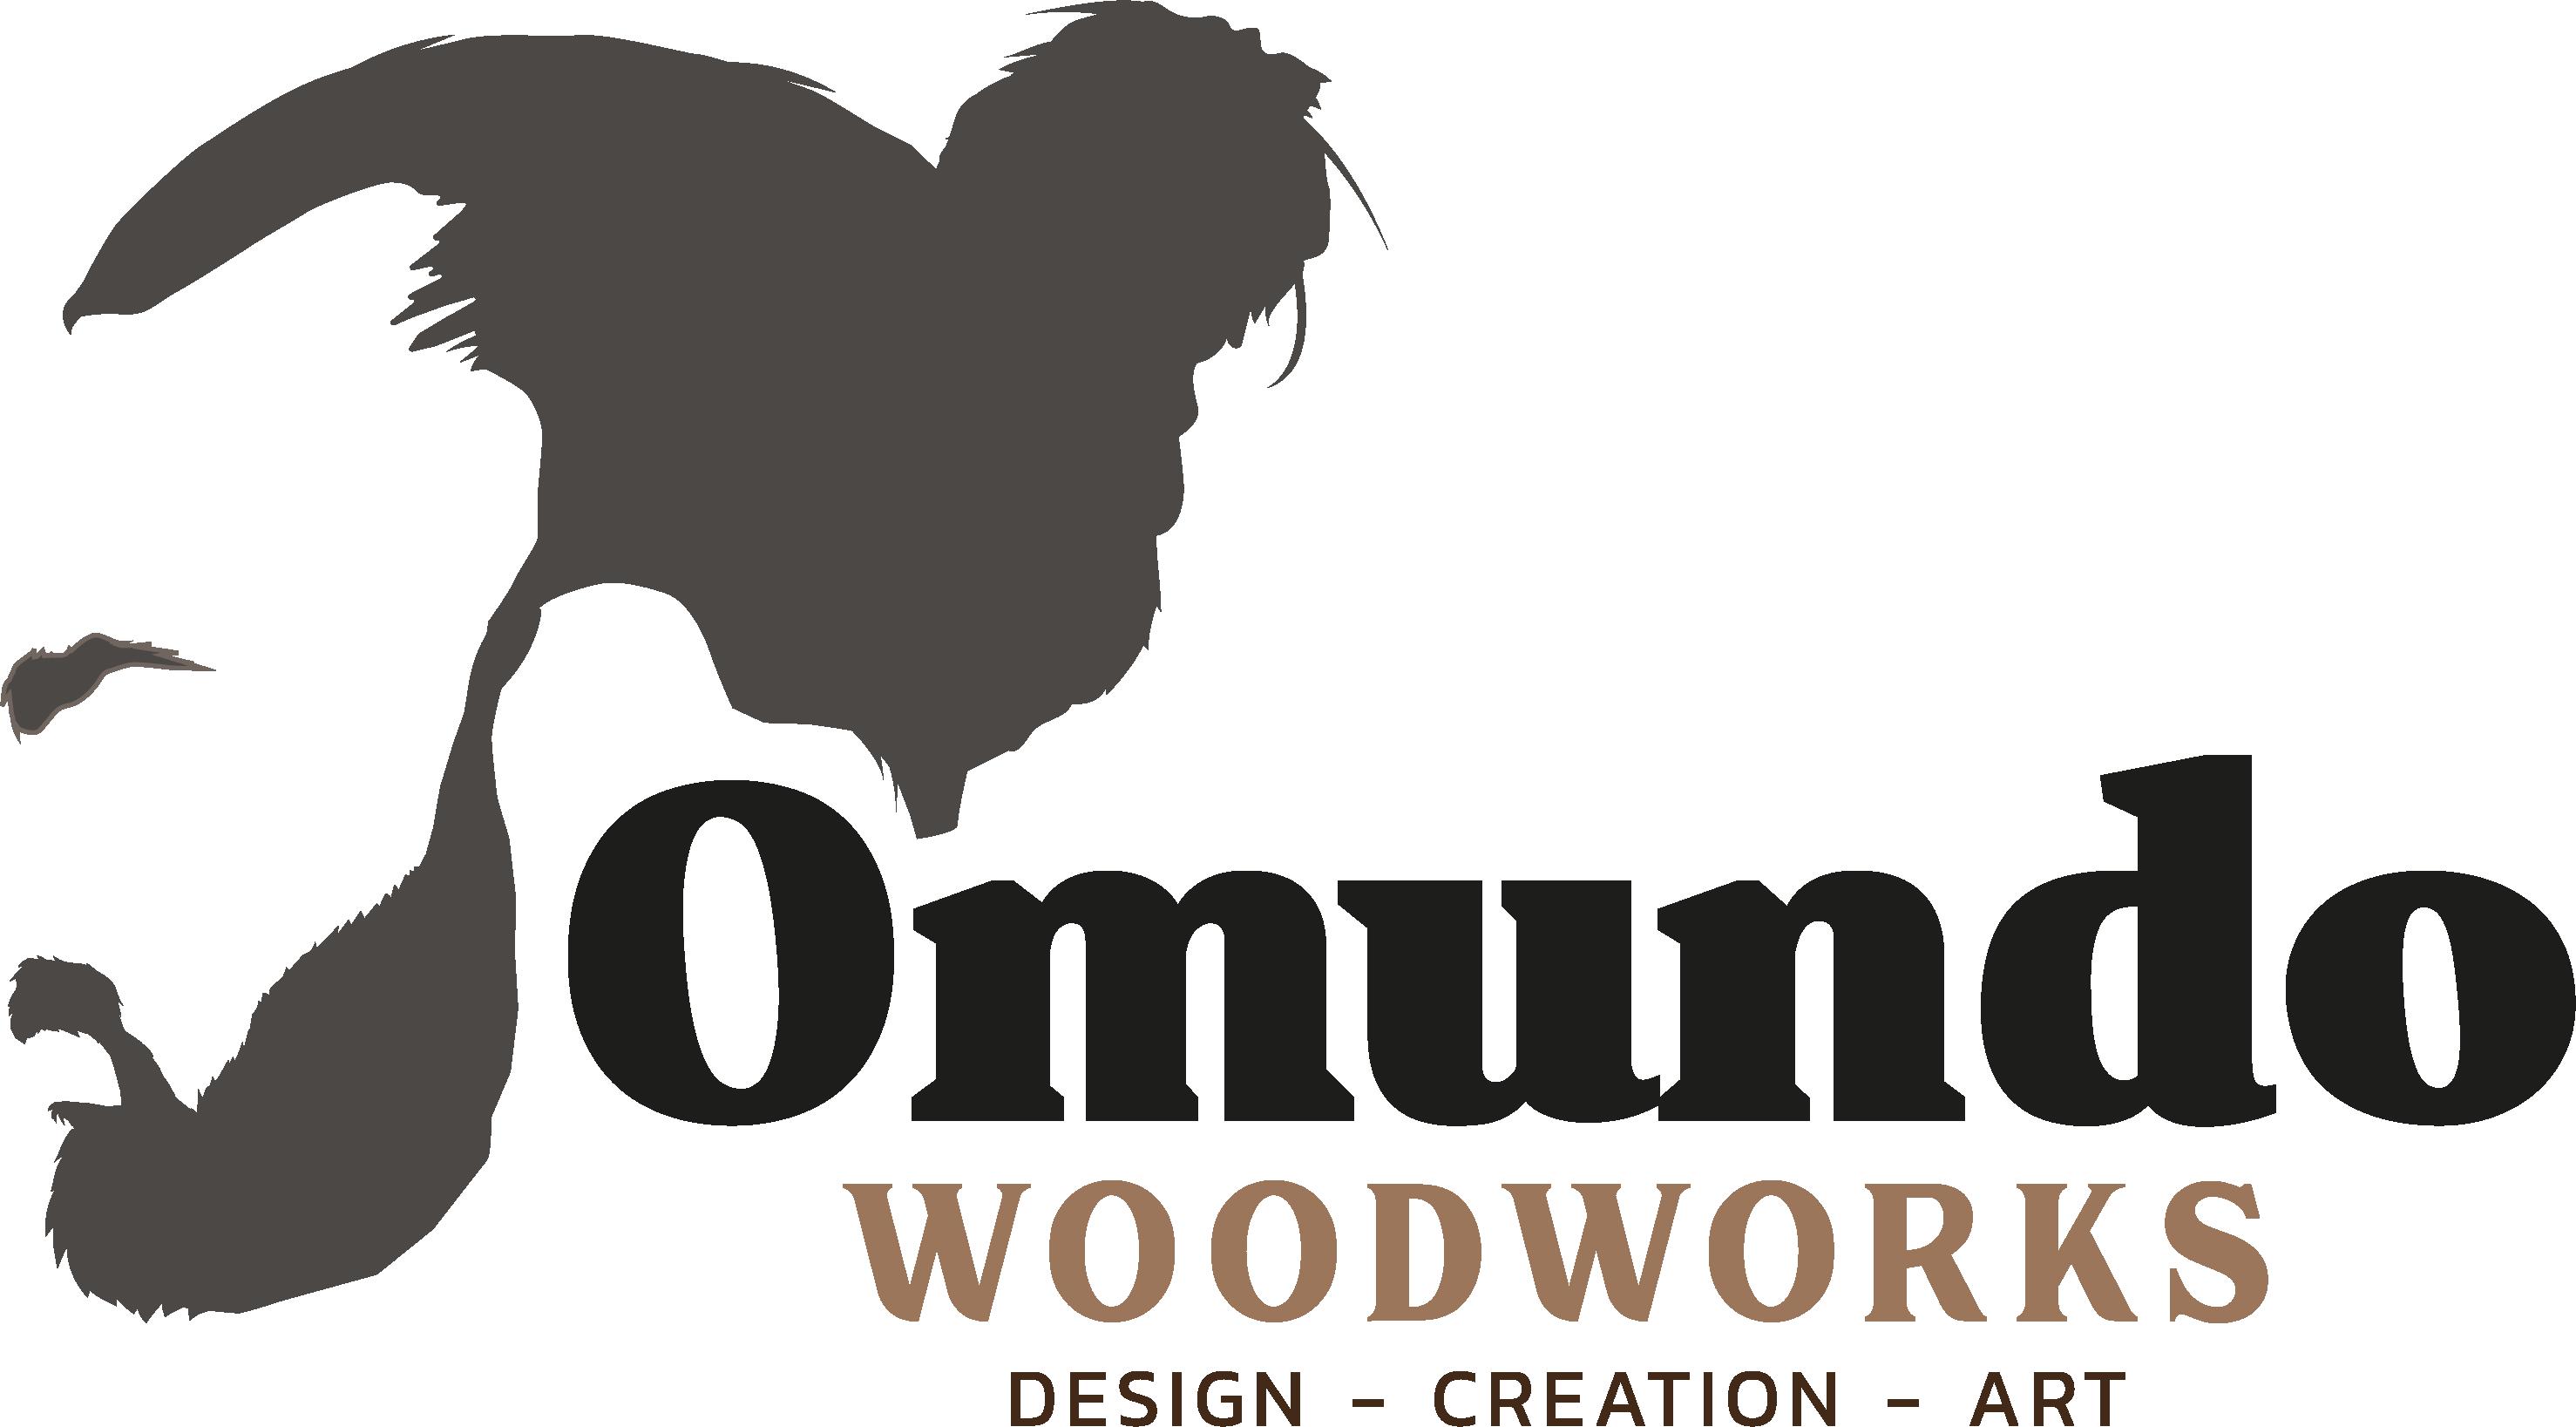 Omundo Woodworks